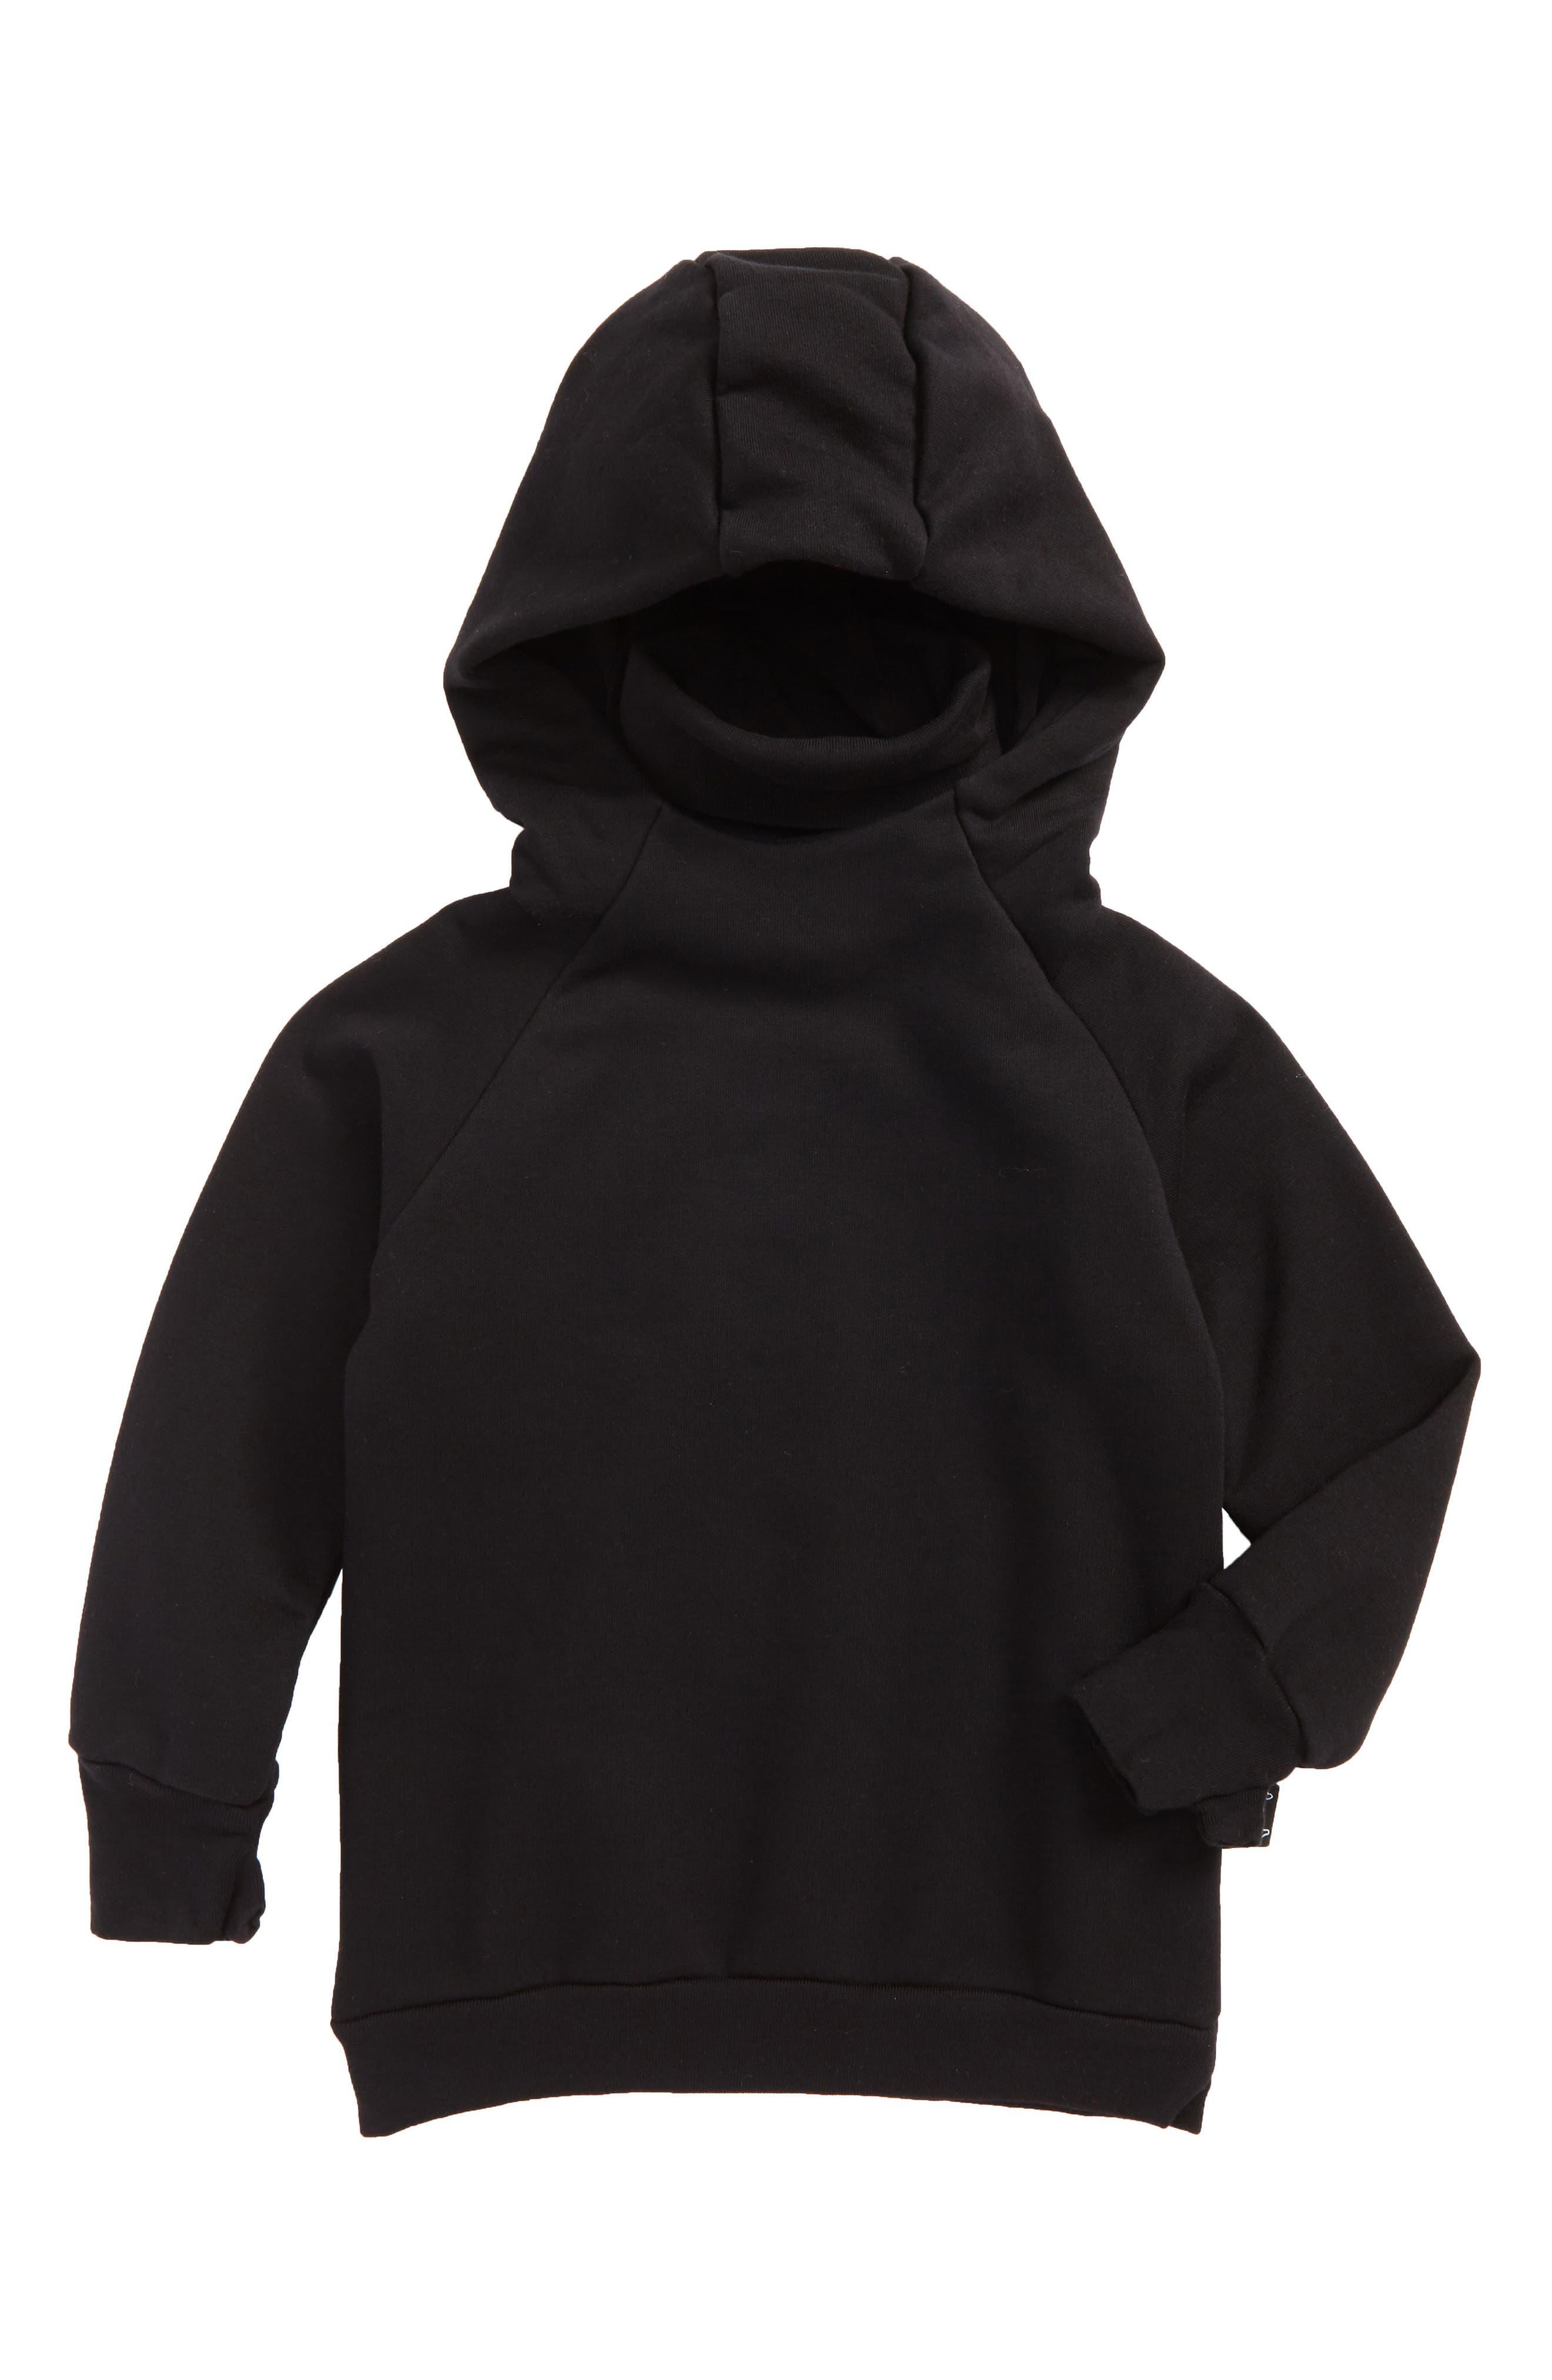 Ninja Hoodie,                         Main,                         color, Black